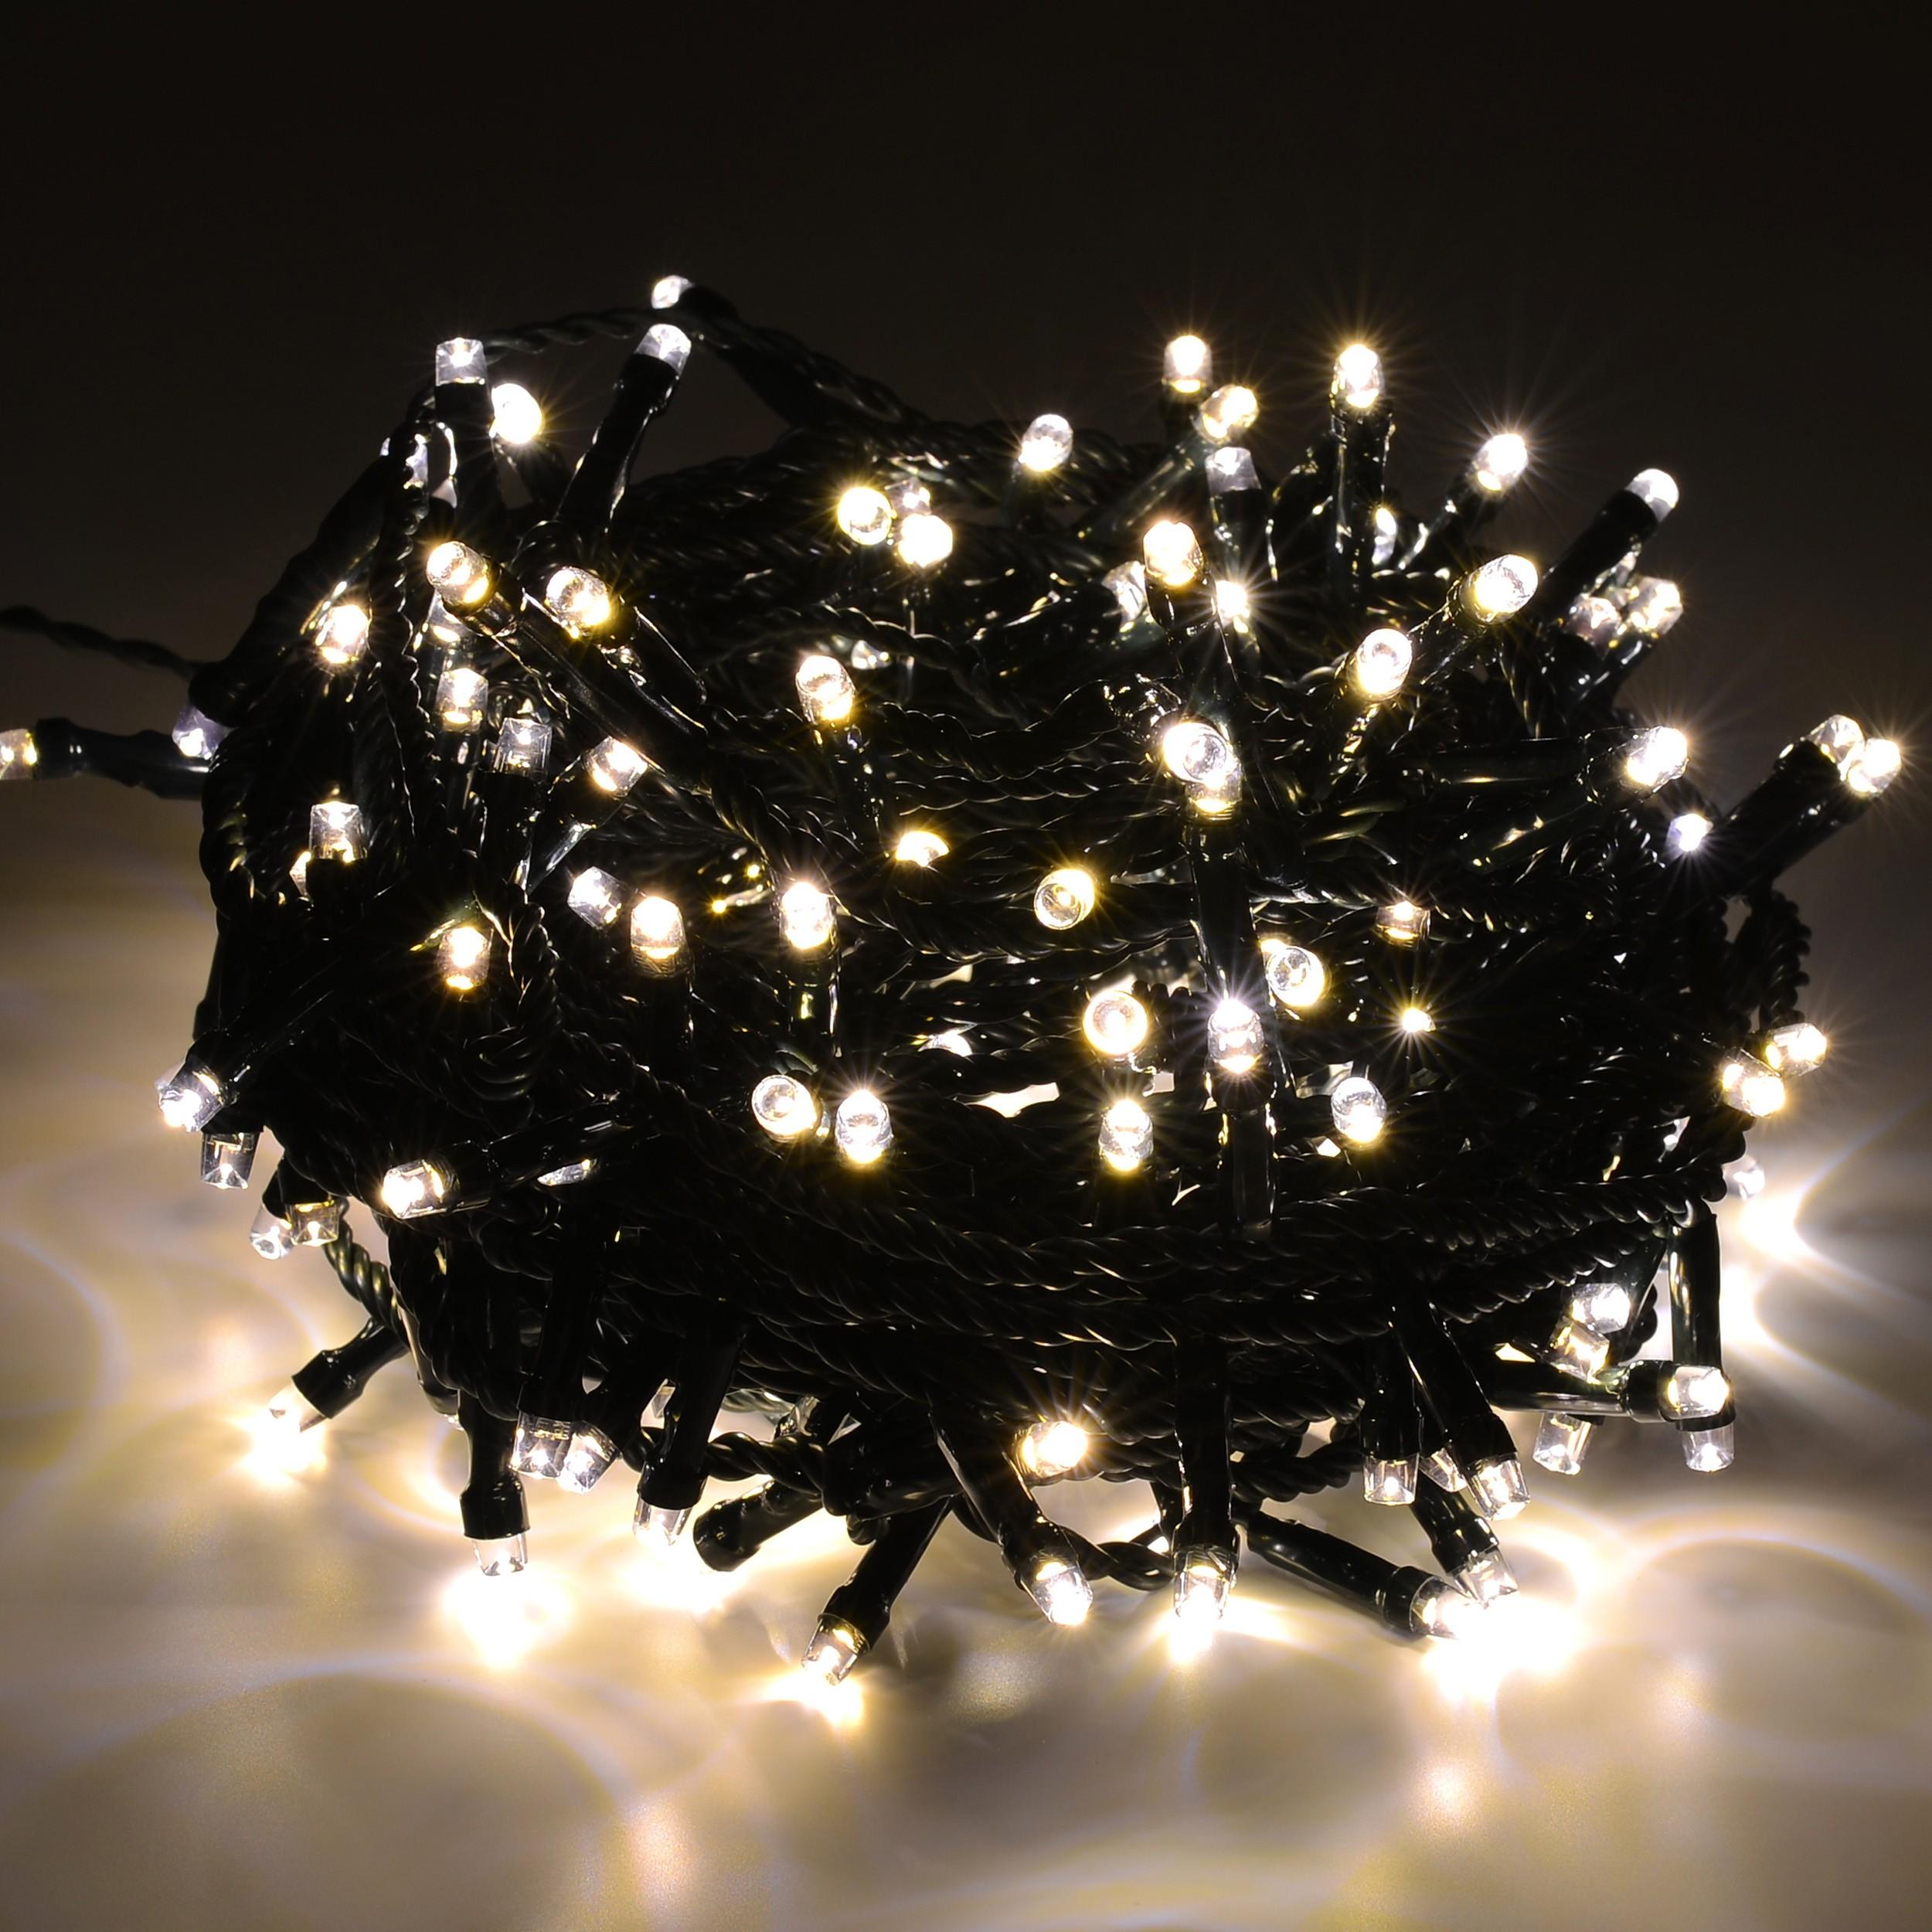 Starlight Weihnachtsbeleuchtung.Details Zu Led Lichterkette Weihnachtsbeleuchtung 600 Led Outdoor Innen Außen